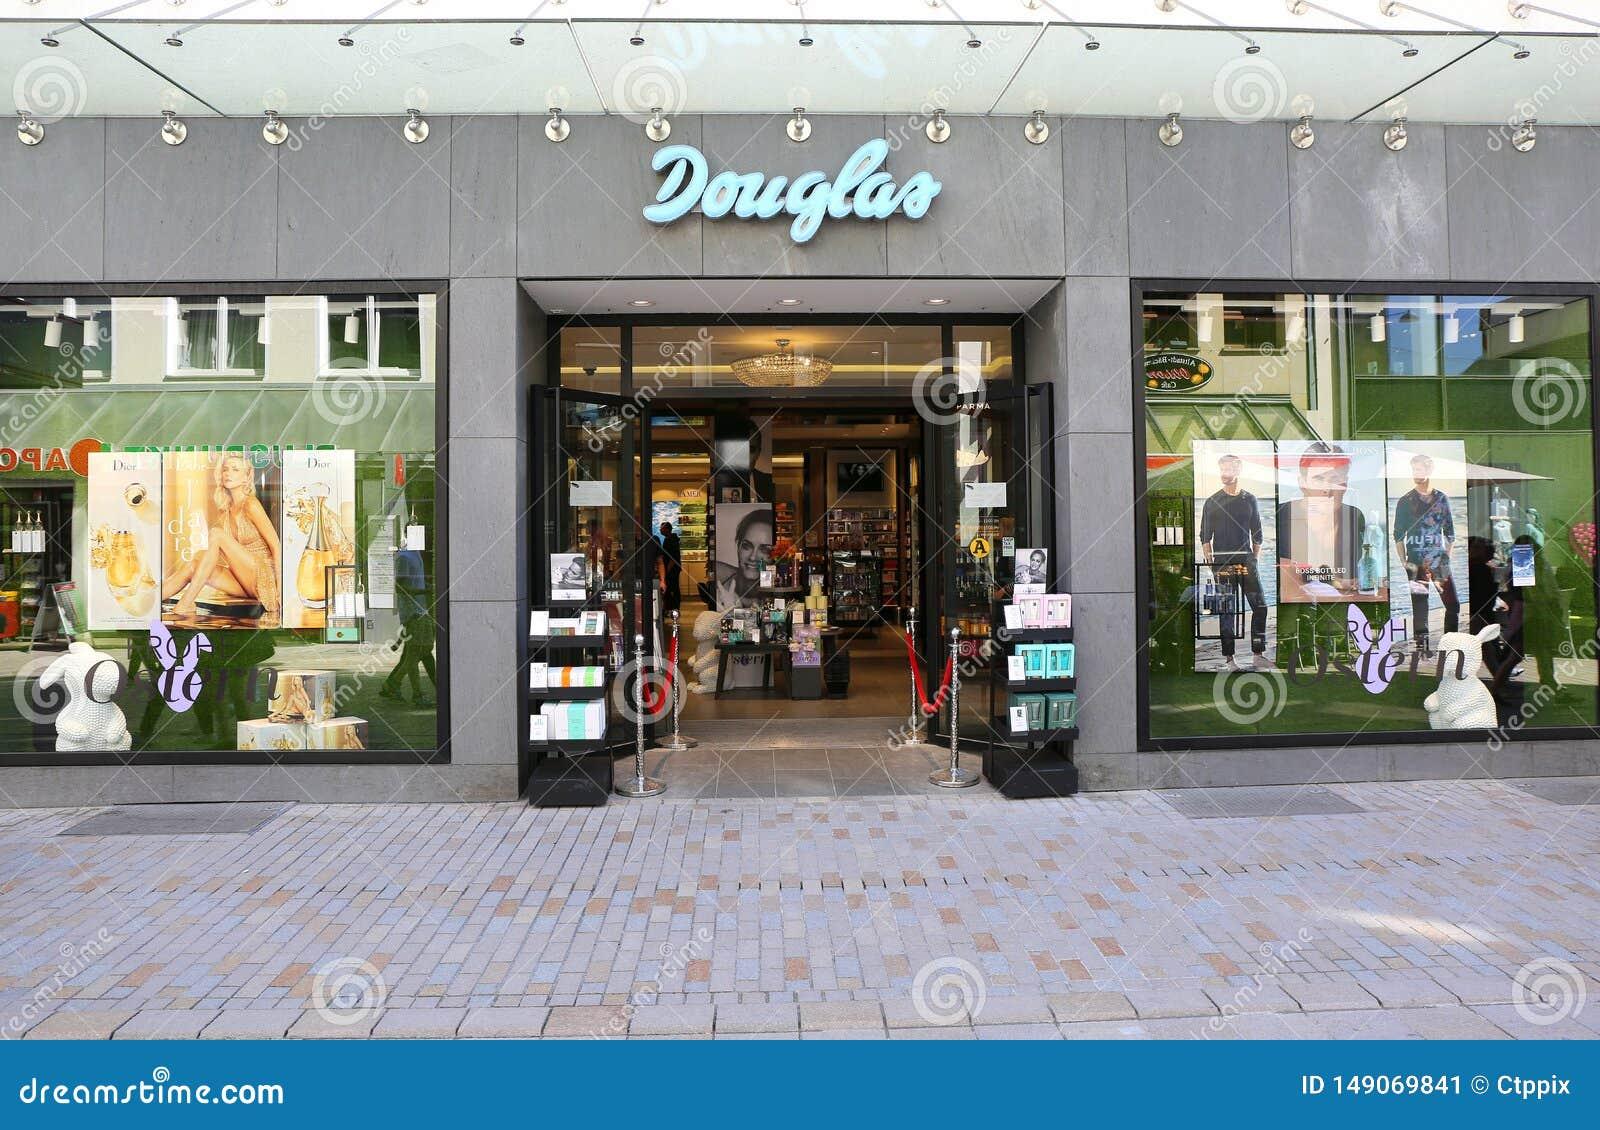 Ντάγκλας είναι ένα γερμανικοί άρωμα και λιανοπωλητής καλλυντικών